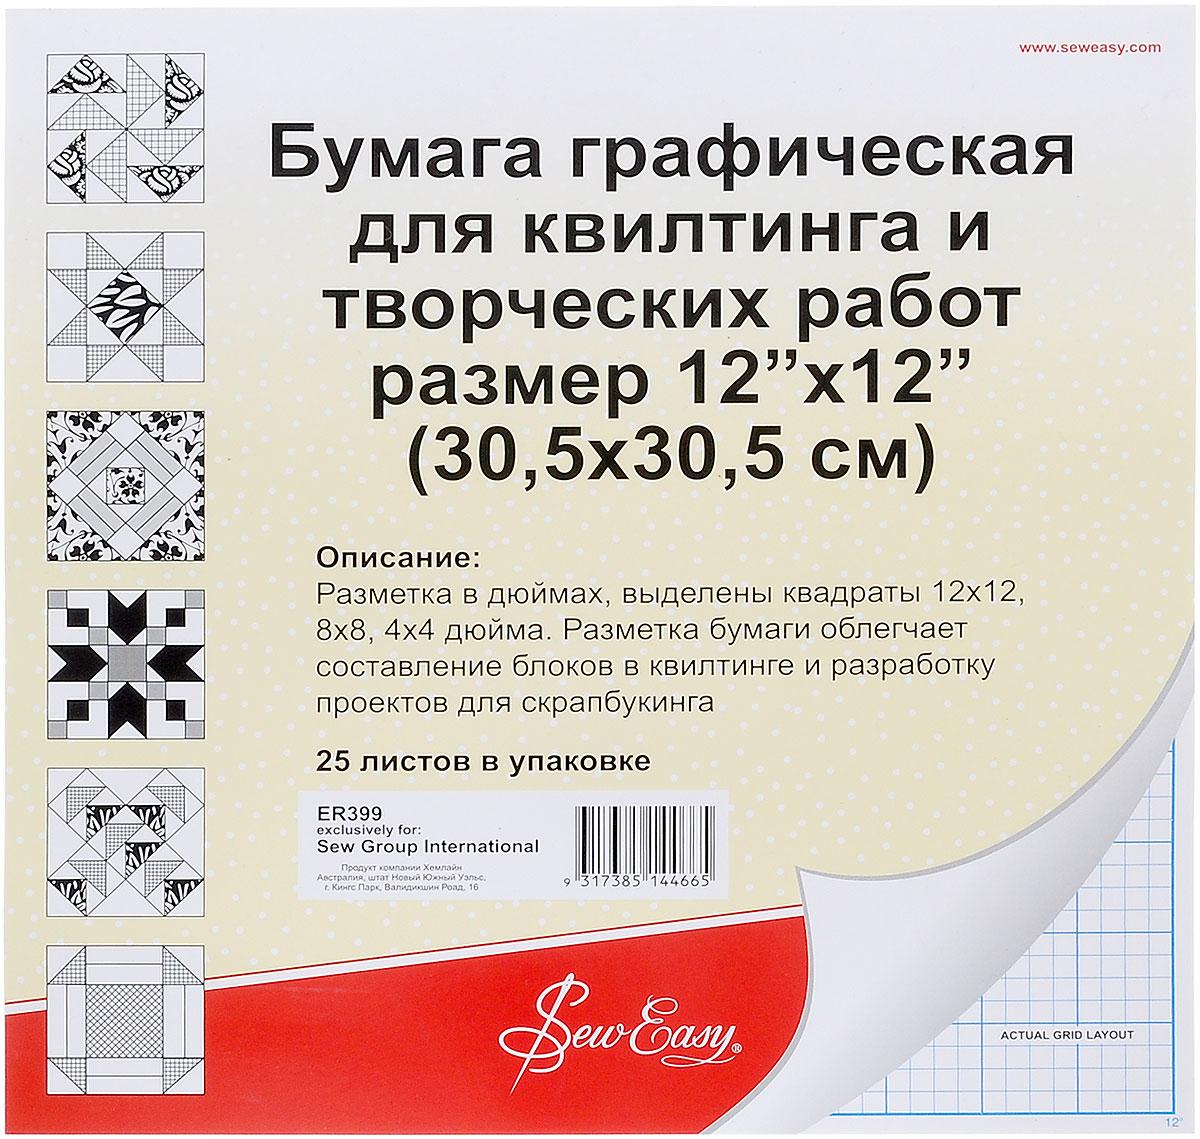 Бумага графическая Hemline, для квилтинга и творческих работ, 25 листовER399Графическая бумага Hemline позволяет расчерчивать блоки для пэчворка, дизайнерских проектов и скрапбукинга. Разметка в дюймах, выделены квадраты 4 х 4, 8 х 8, 12 х 12. Размер листа: 30,5 х 30,5 см.